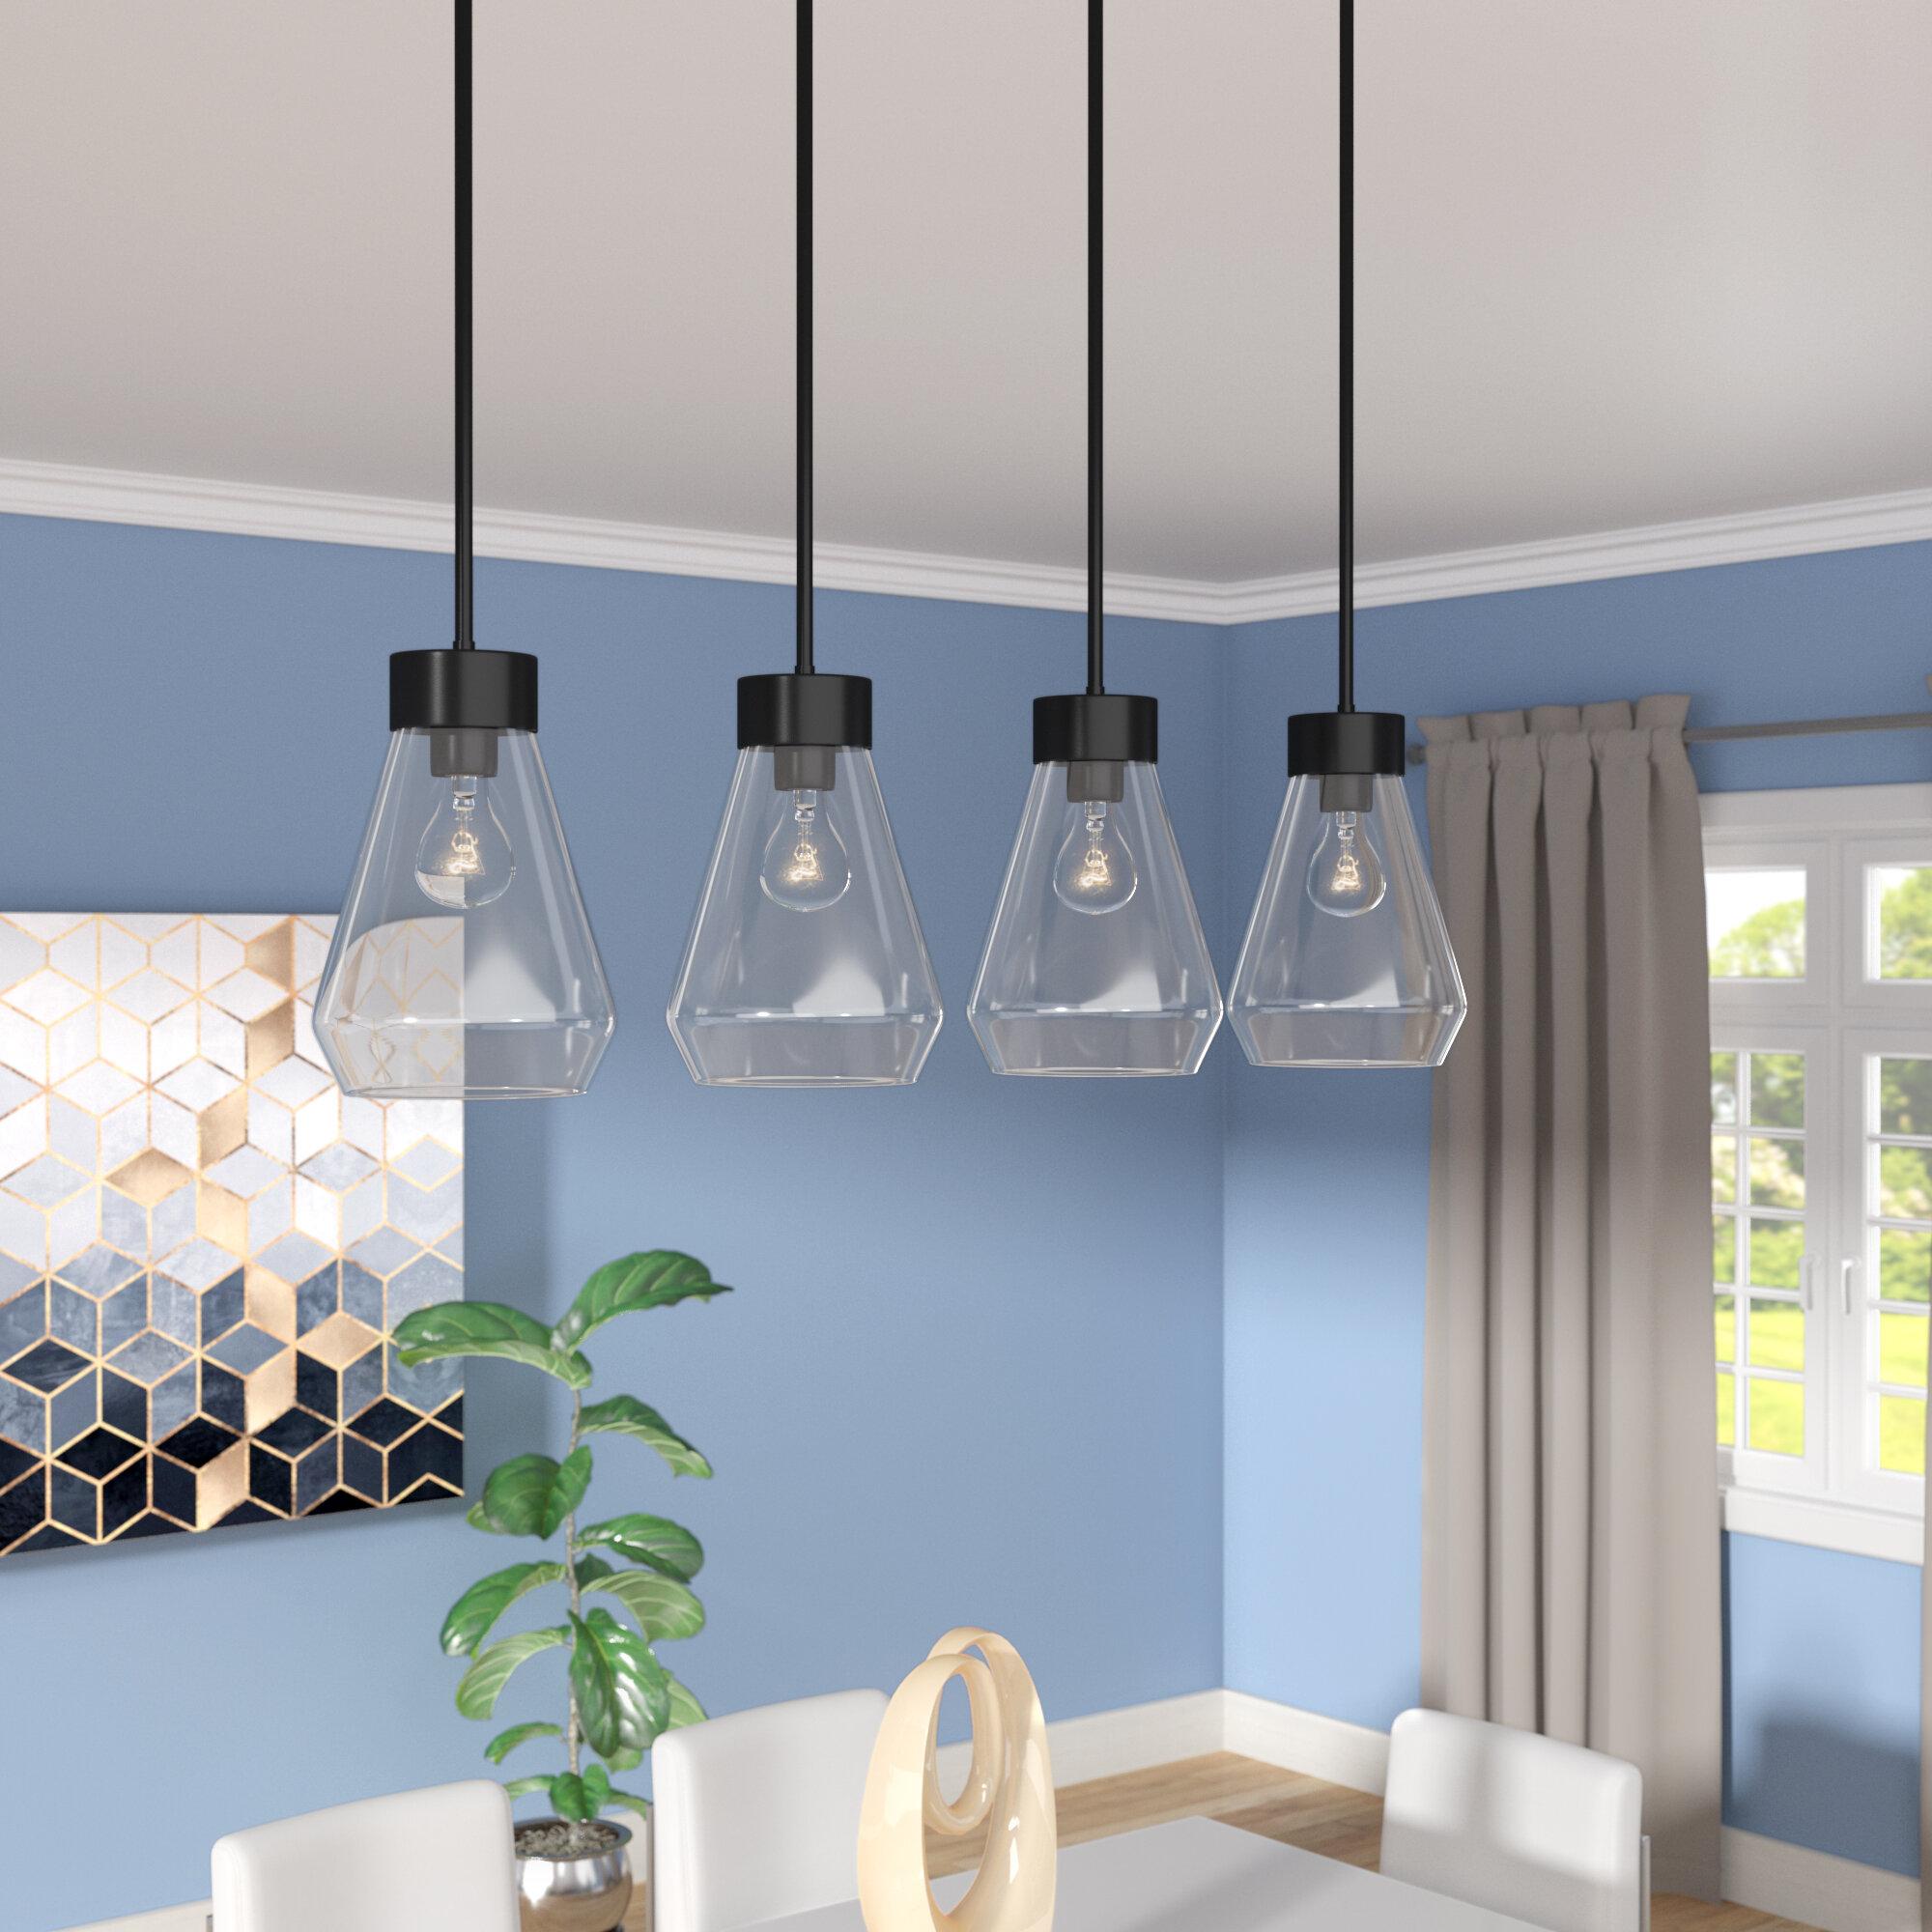 Brayden Studio Daniell 4 Light Kitchen Island Linear Pendant Reviews Wayfair